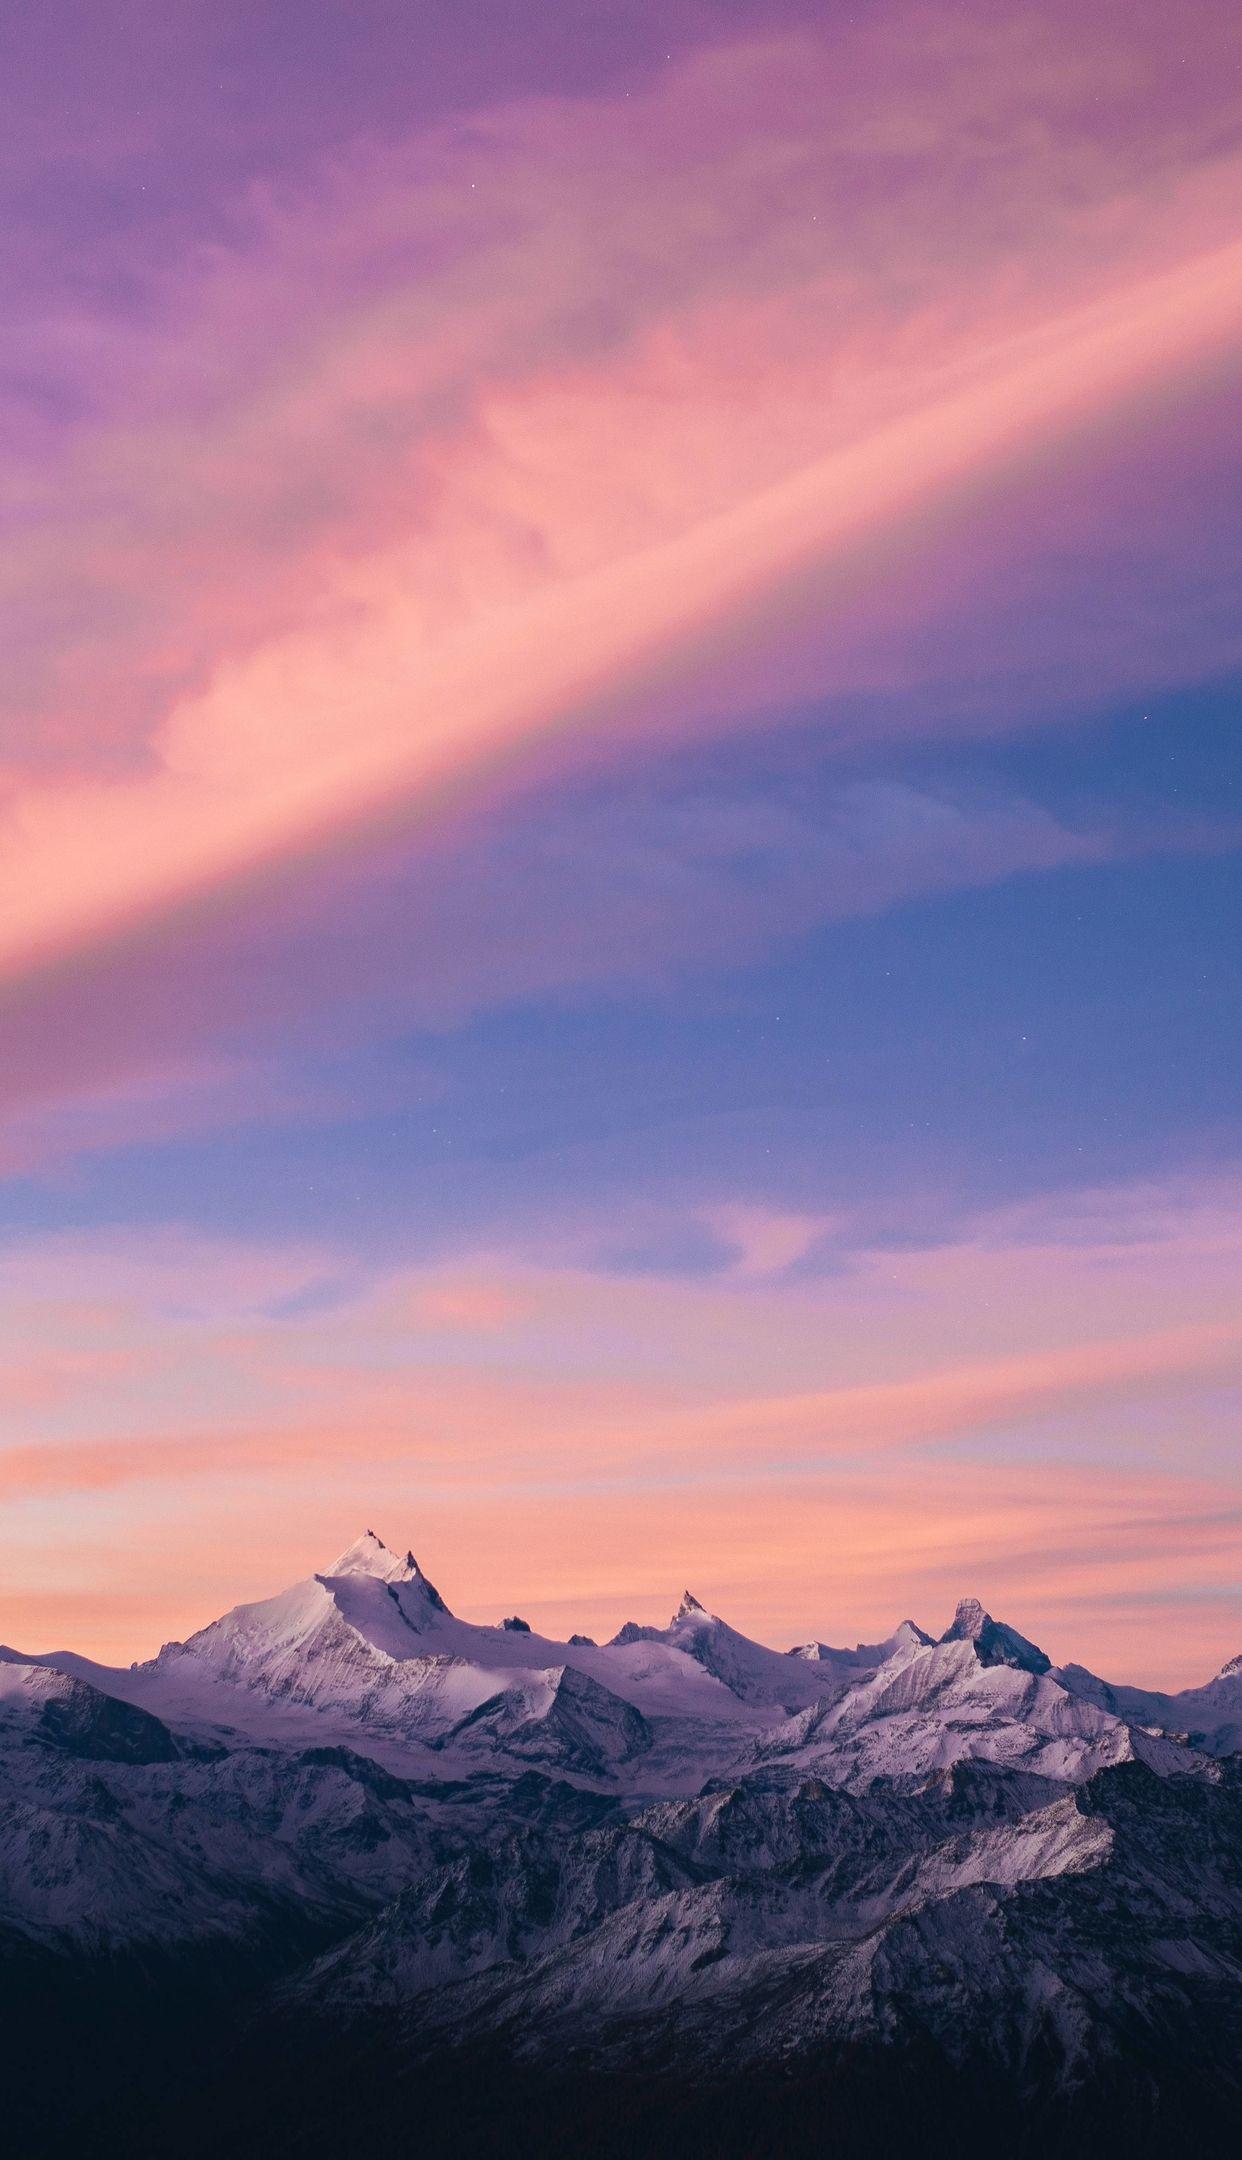 Wallpprs Beautiful sky 1242x2208 4k HD wallpaper wallpprscom 1242x2160